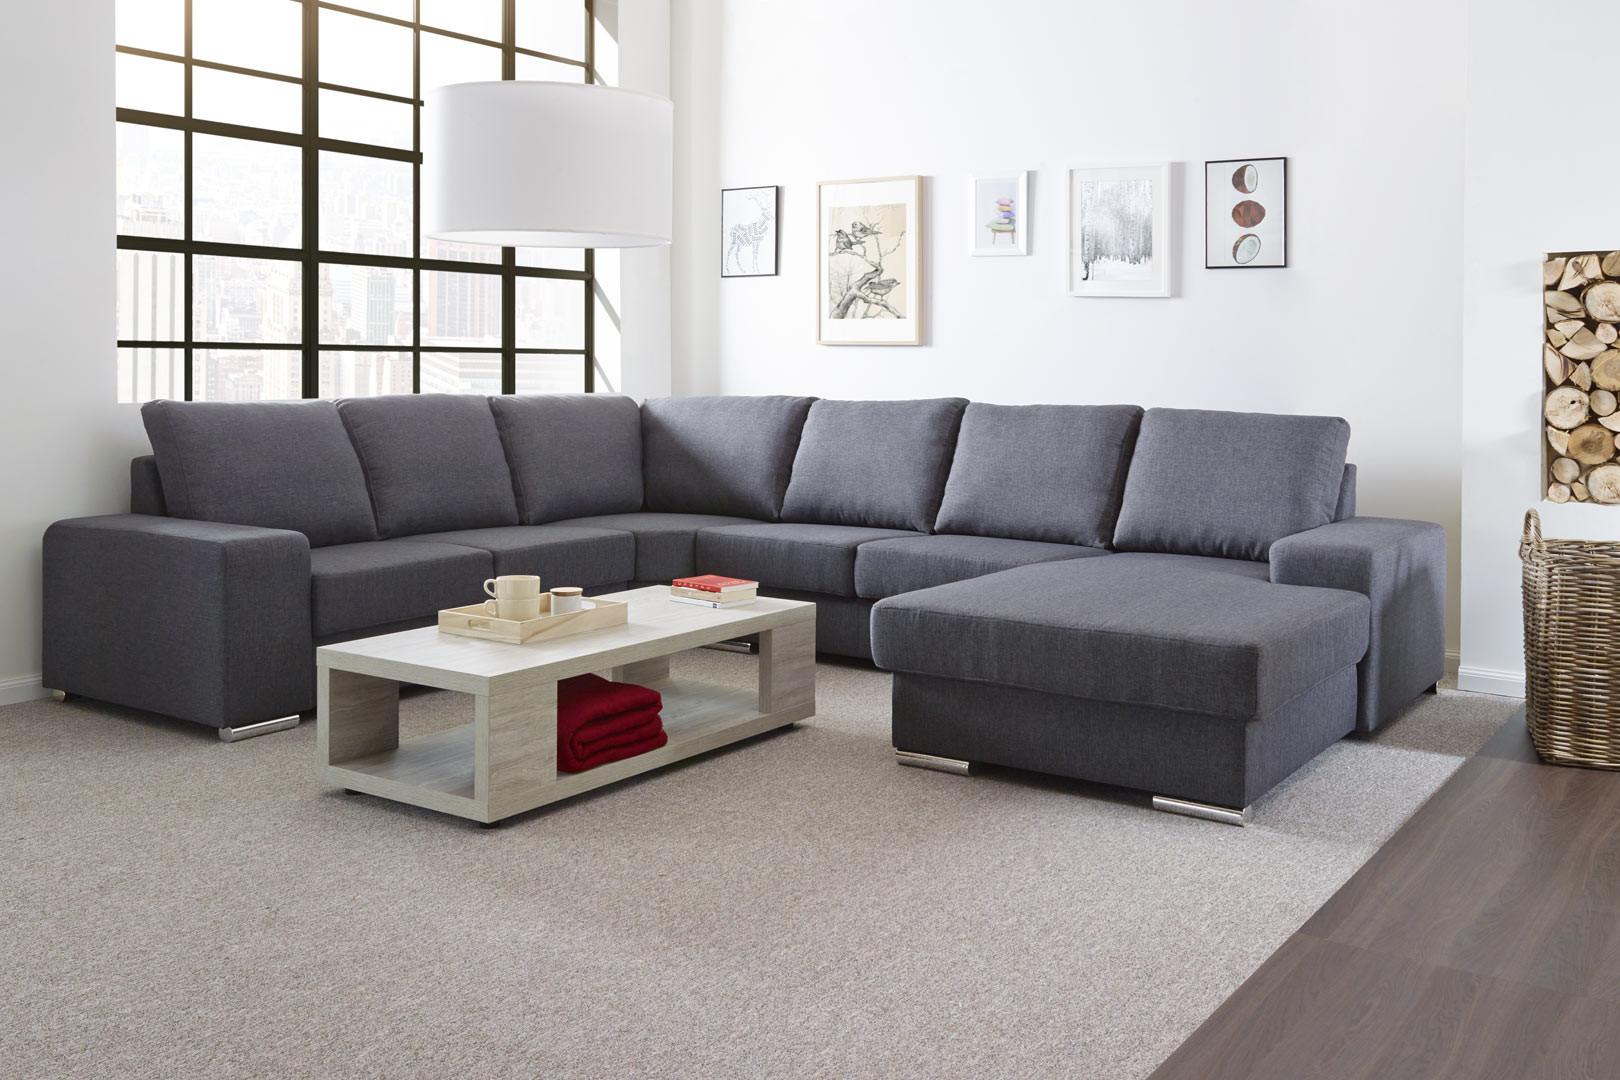 Canapé d'angle panoramique contemporain en tissu gris Babel